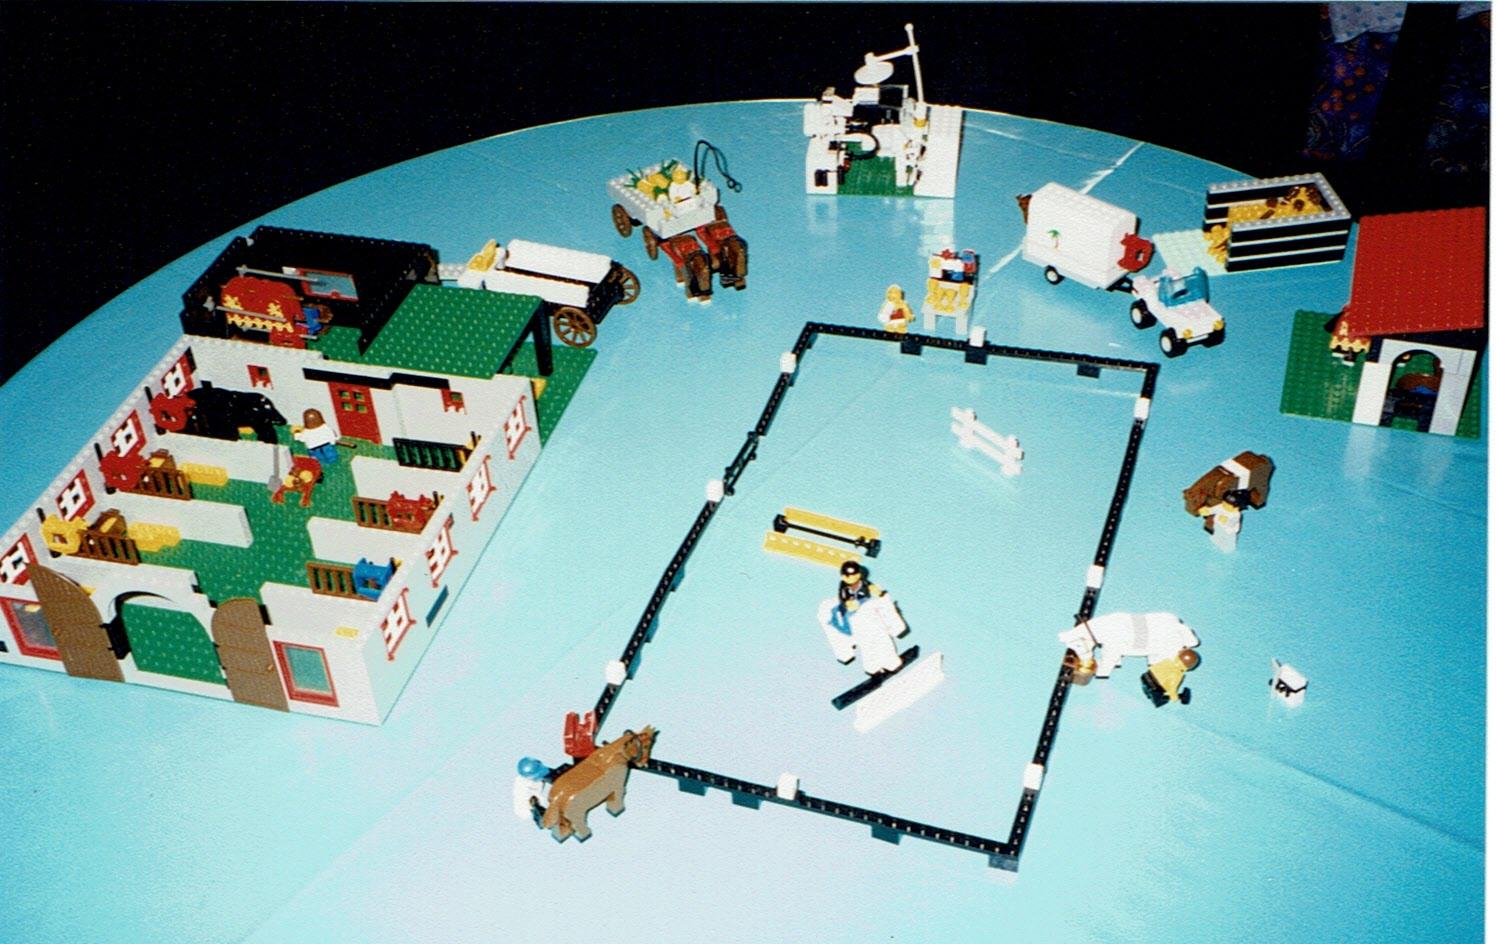 auch beim Legospielen gab es für mich nur ein Thema